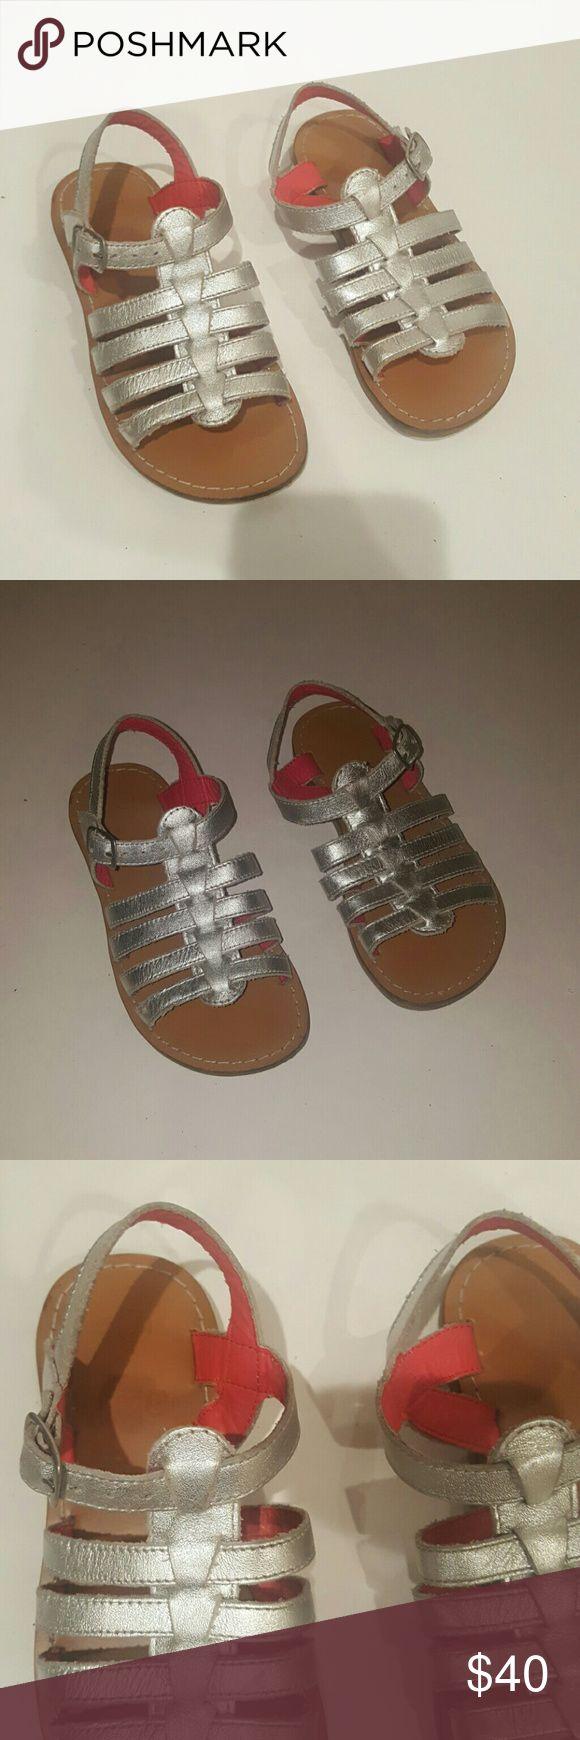 MINI BODEN shoes toddler size 28 MINI BODEN KIDS METALLIAC SILVER SANDALS SIZR 28 EUC Mini Boden Shoes Sandals & Flip Flops